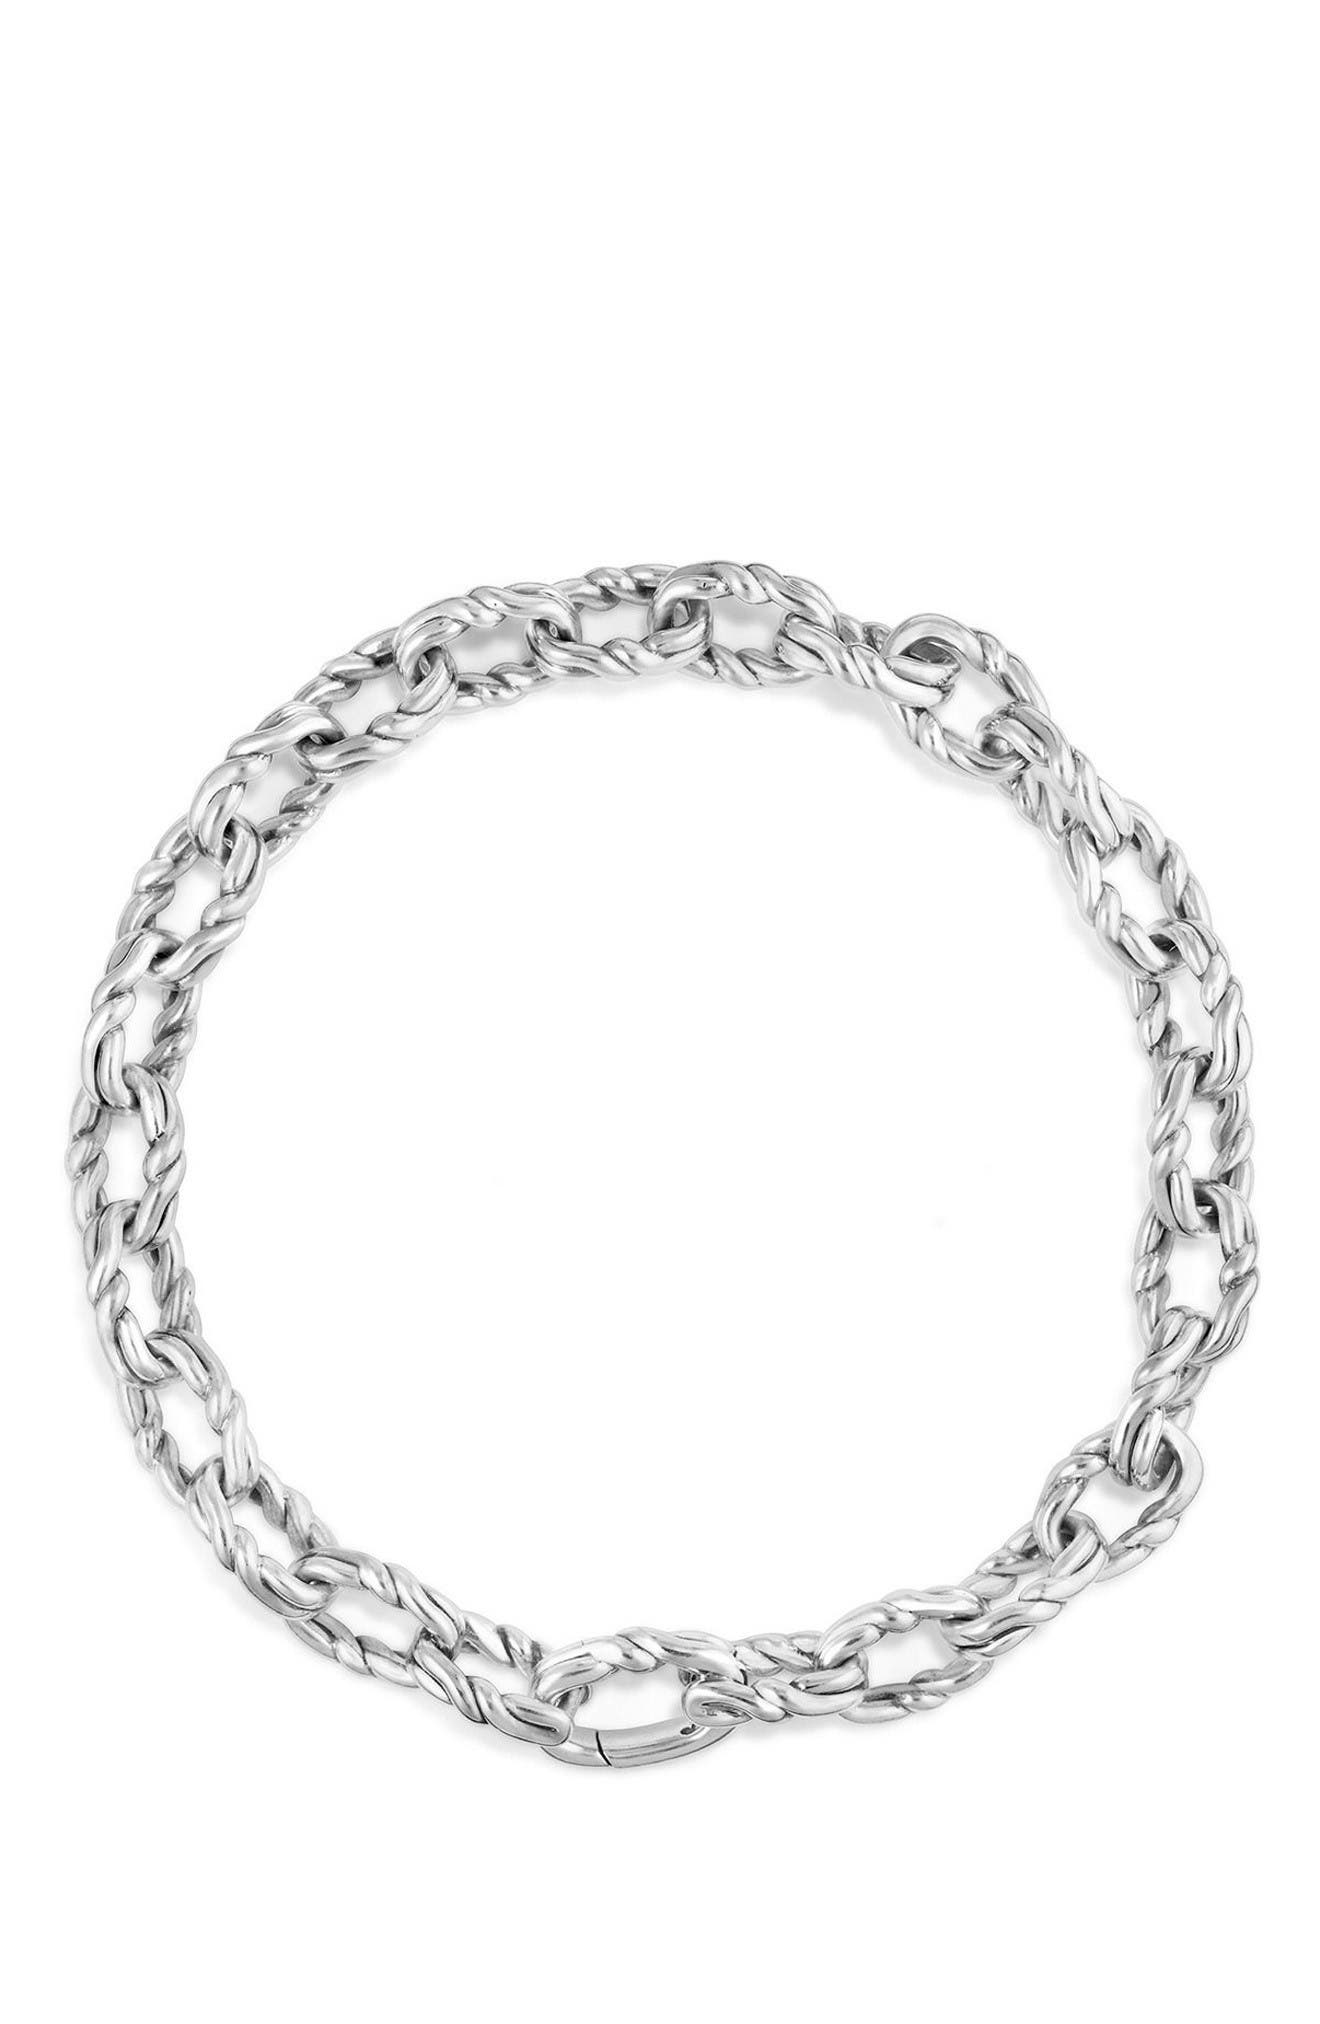 Continuance Chain Bracelet,                             Alternate thumbnail 2, color,                             Silver